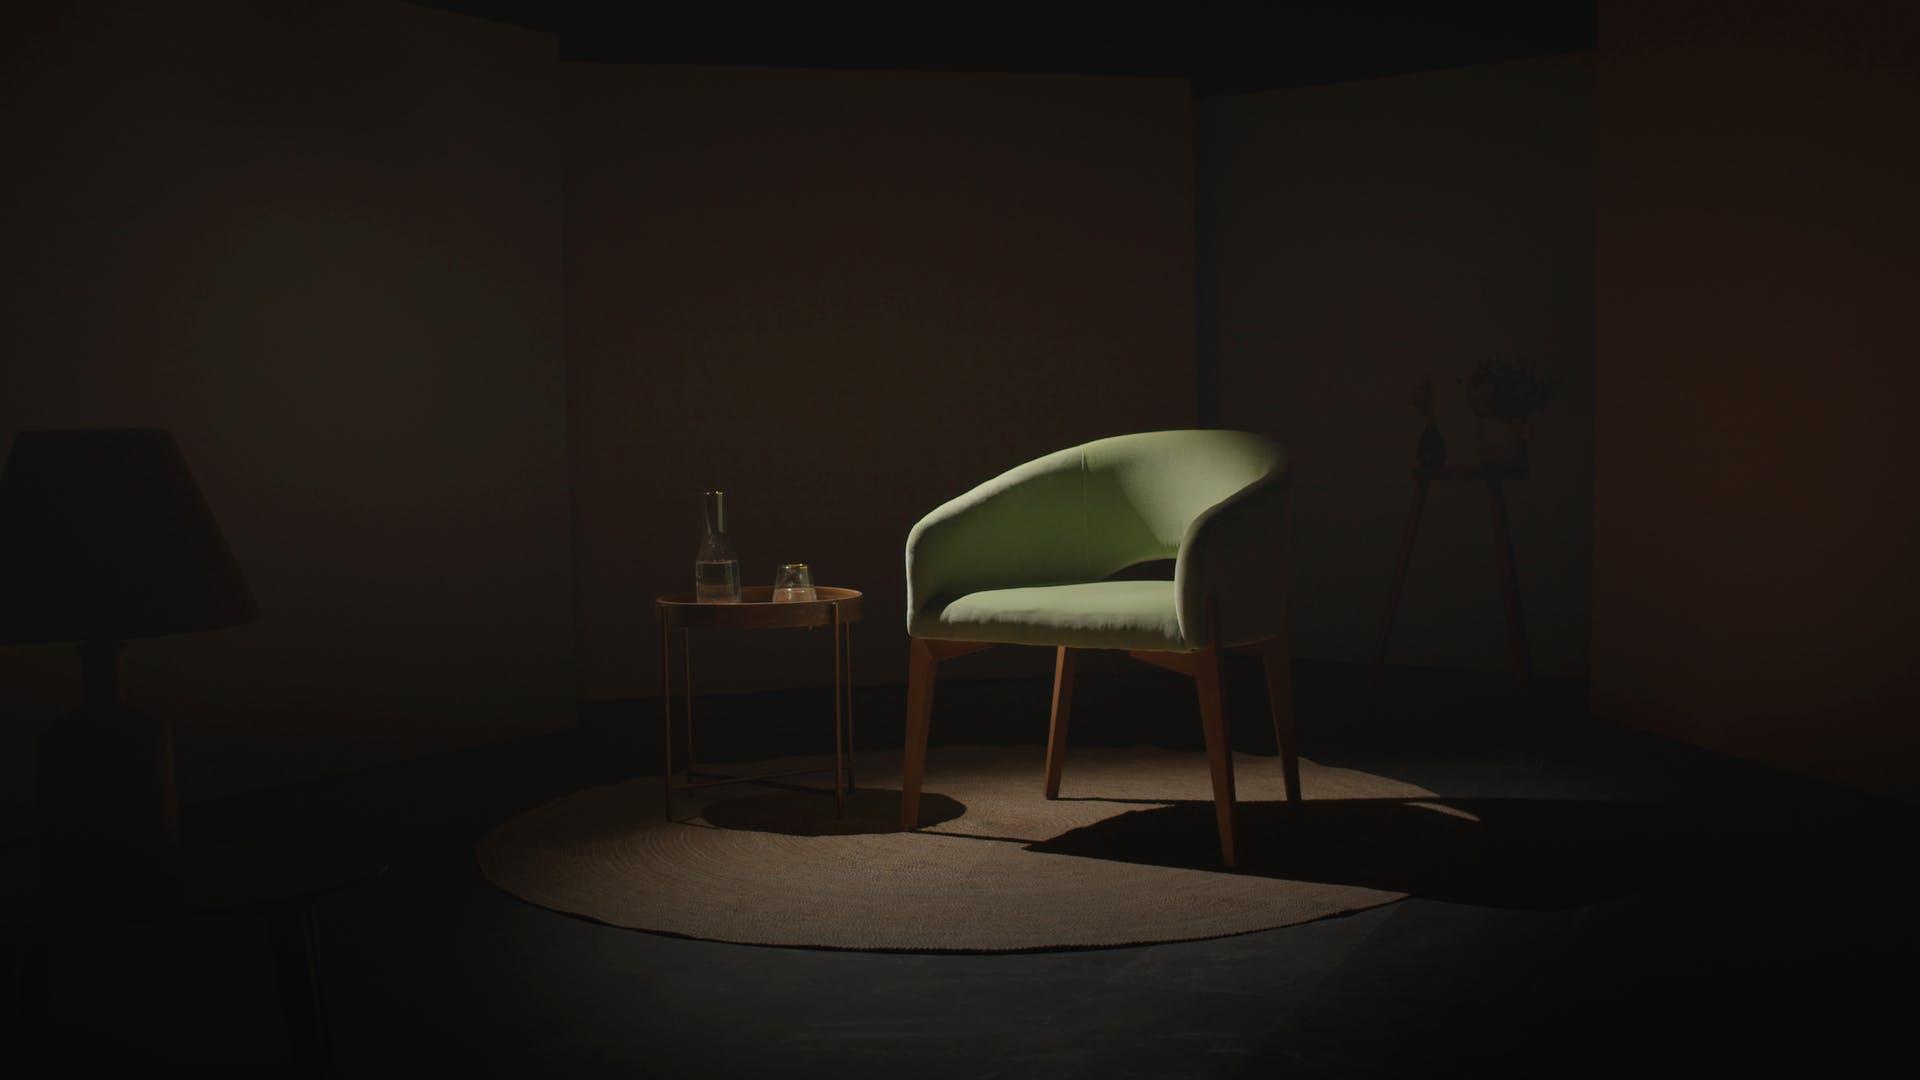 Silla verde en medio de una habitación oscura.